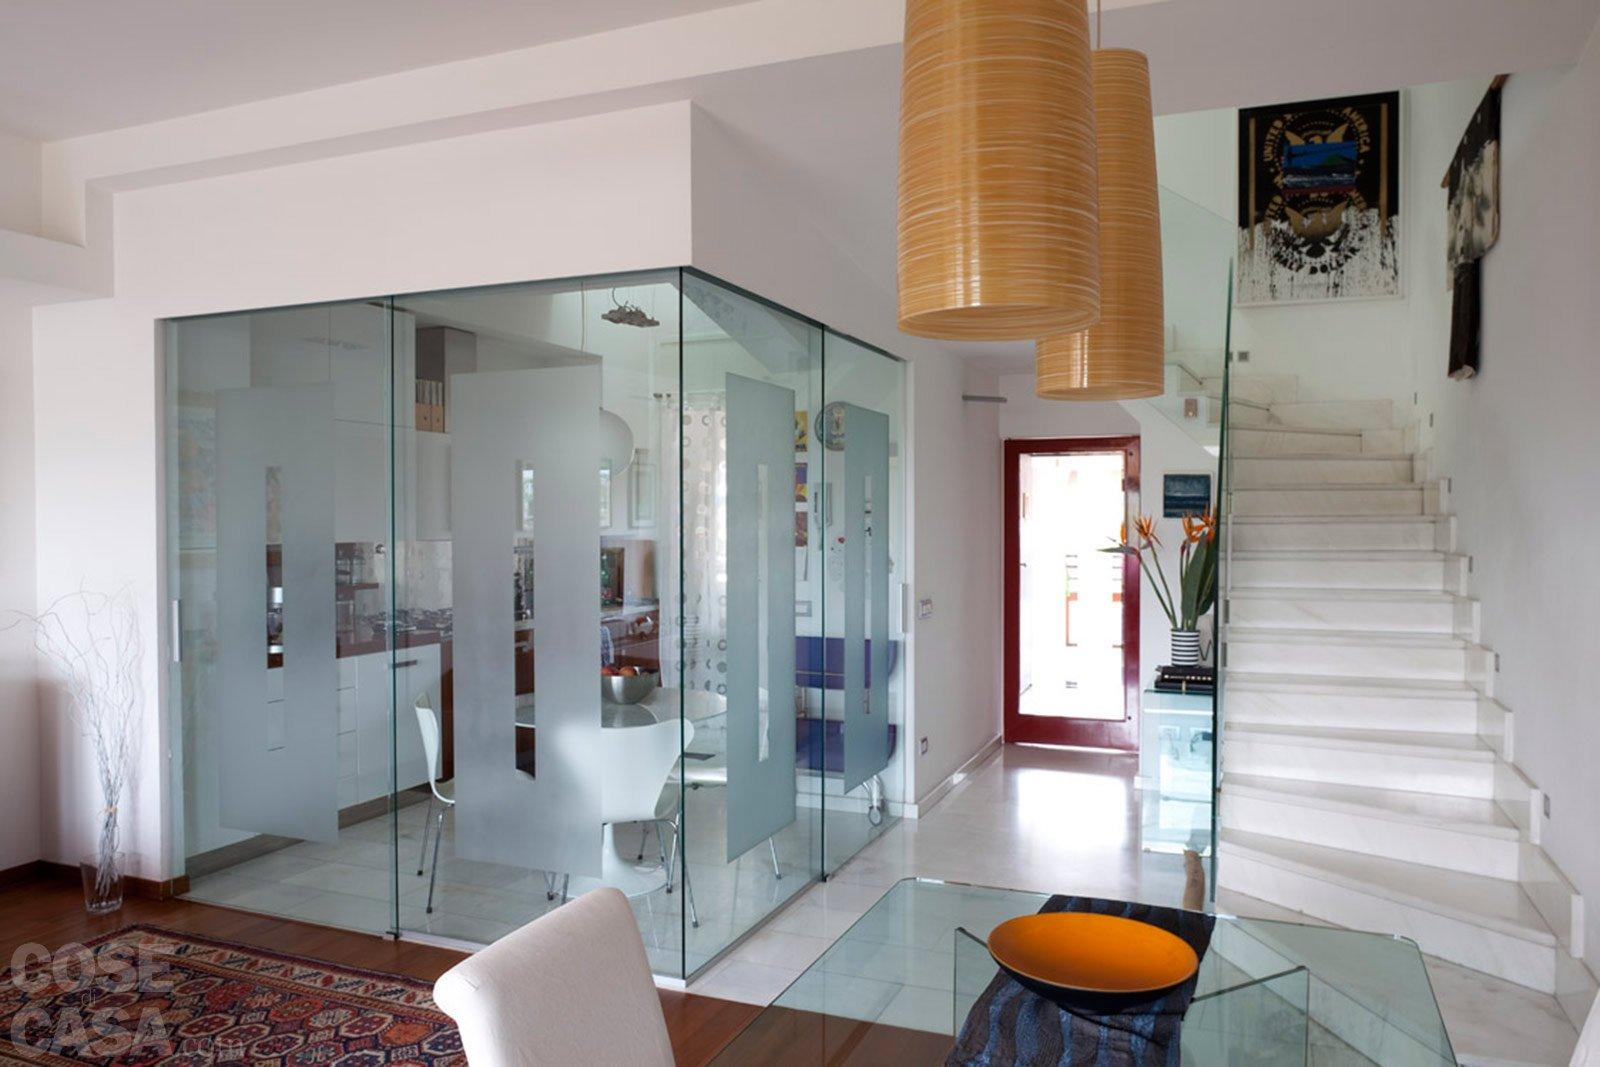 Una casa rinnovata nel look con luce moltiplicata cose for Pareti moderni